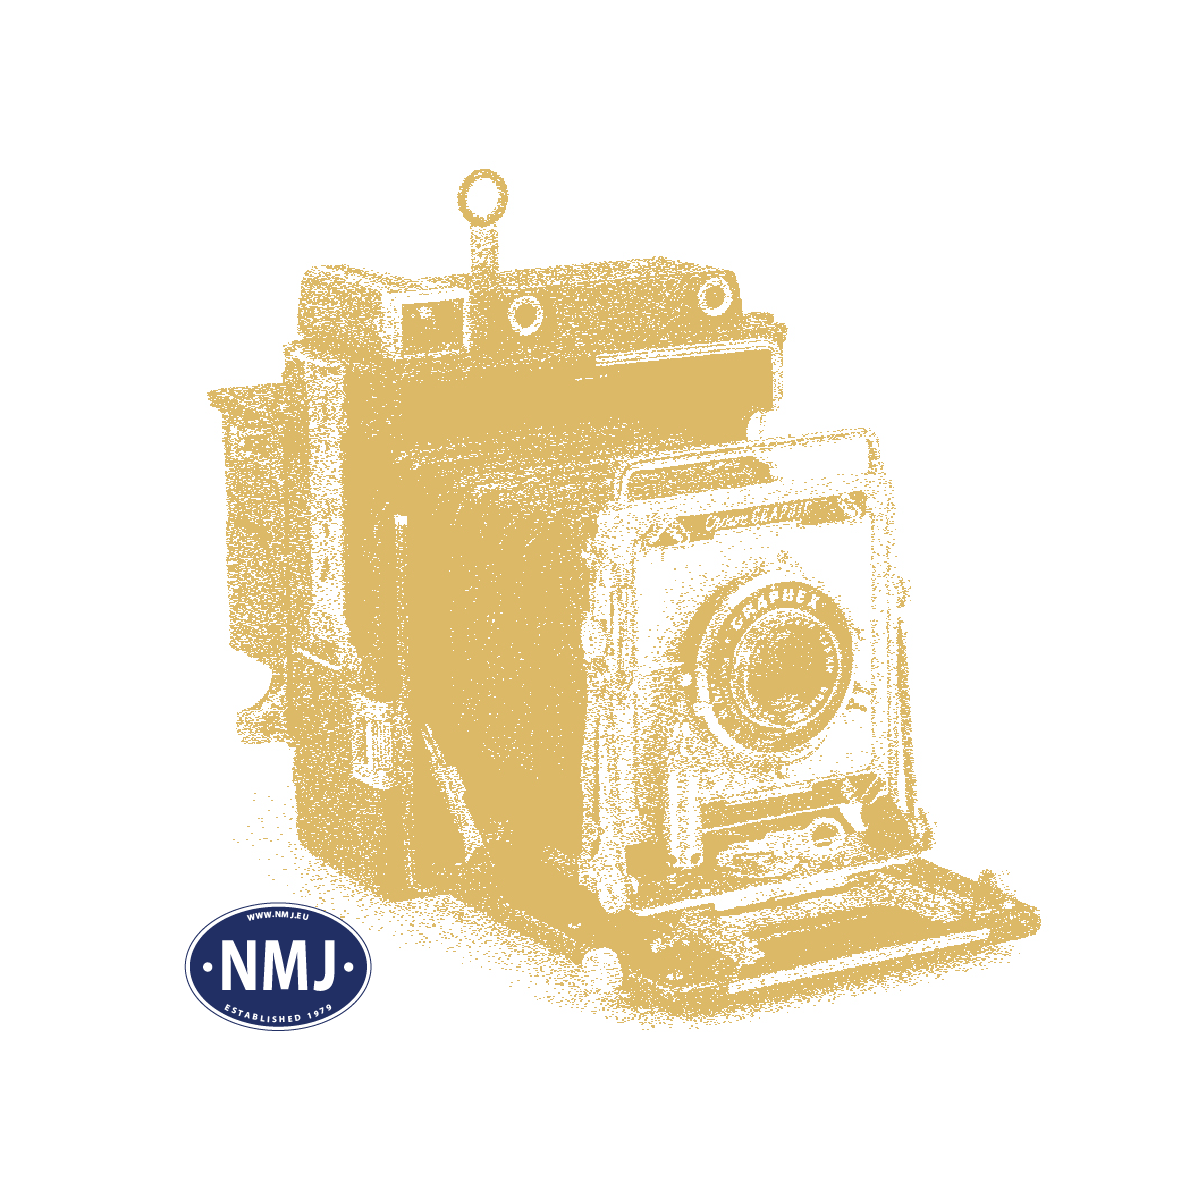 NMJH15116 - Norwegischer Bungalow, Grau / Weiß, H0 Fertigmodell